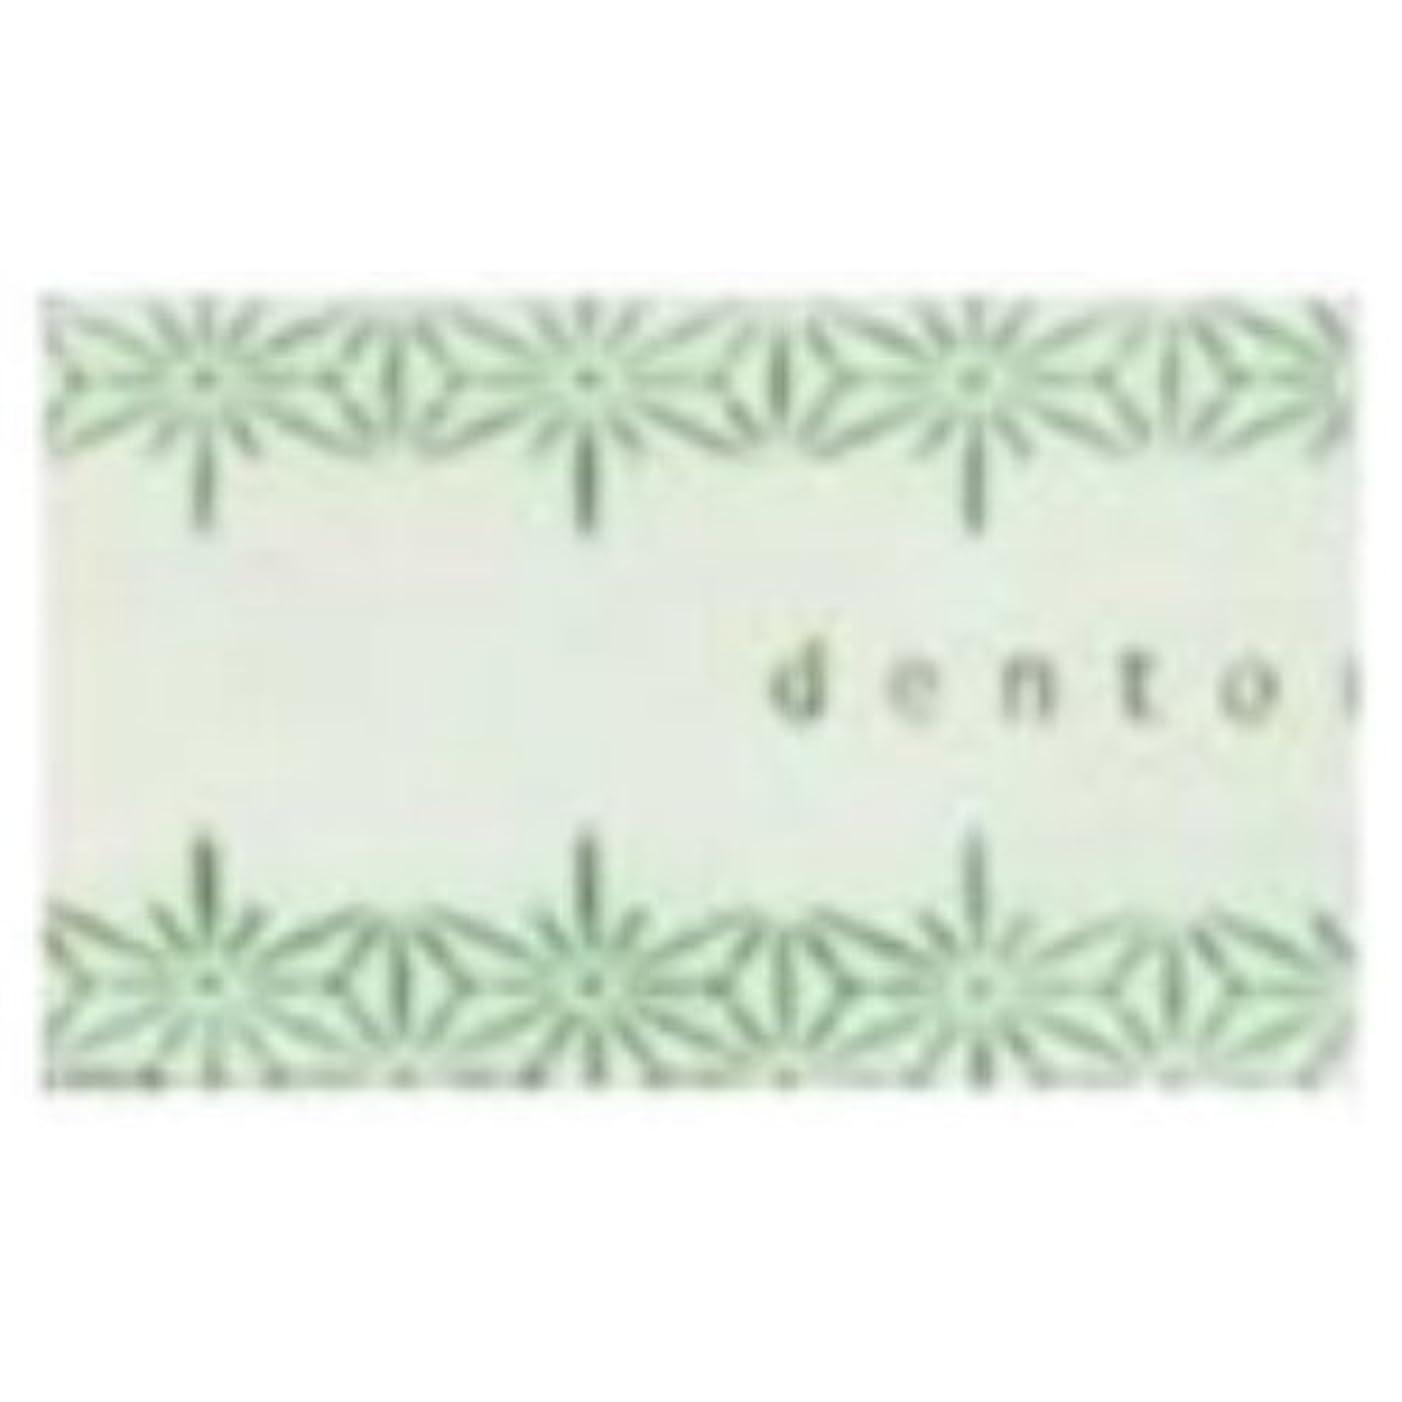 ロイヤリティメンテナンス信頼性のある薫寿堂 紙のお香 美香 雅の香り 30枚入